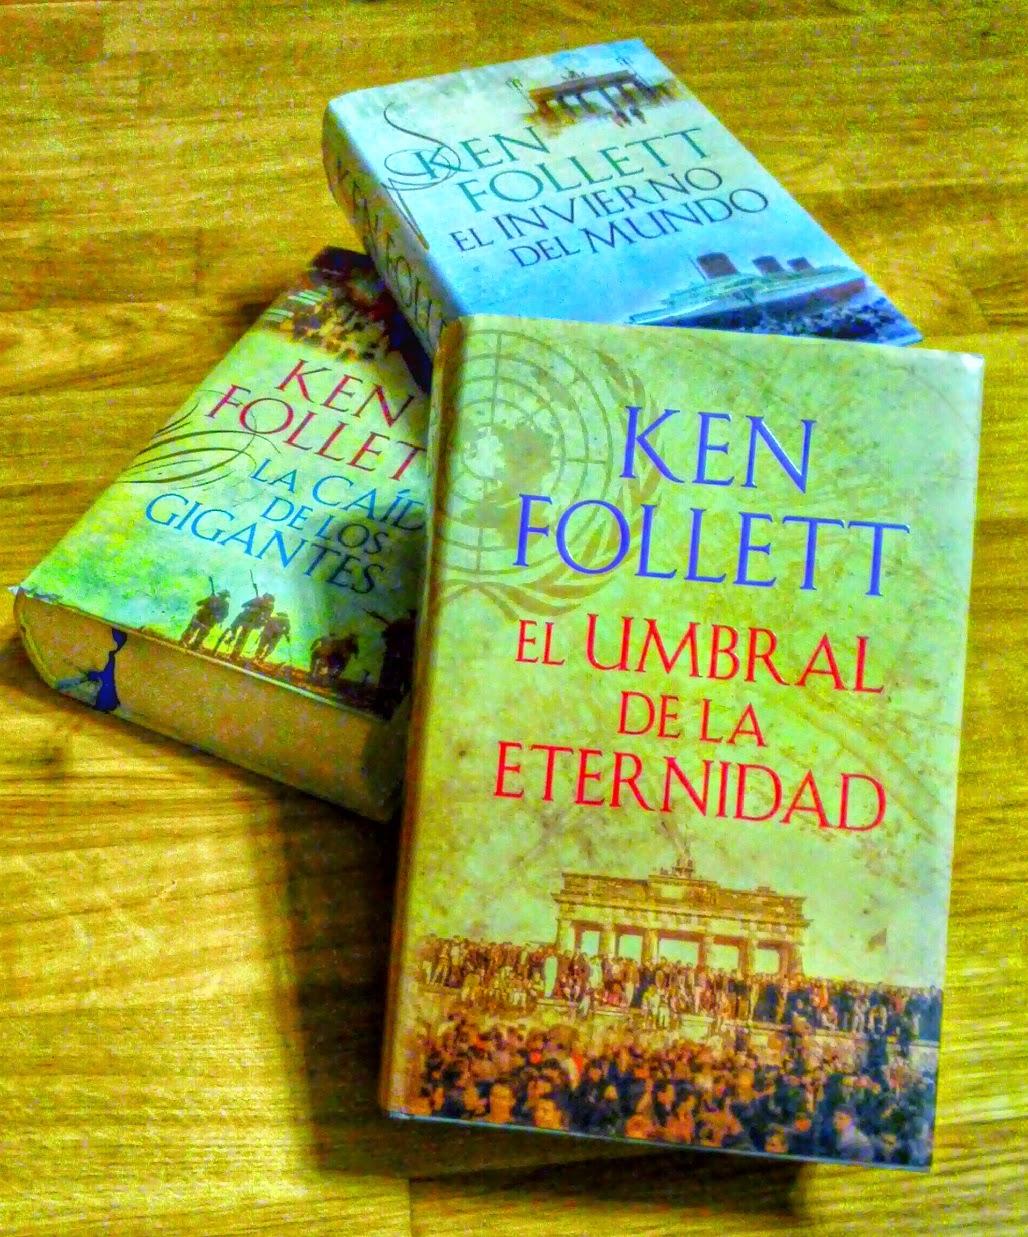 Libros trilogía The Century